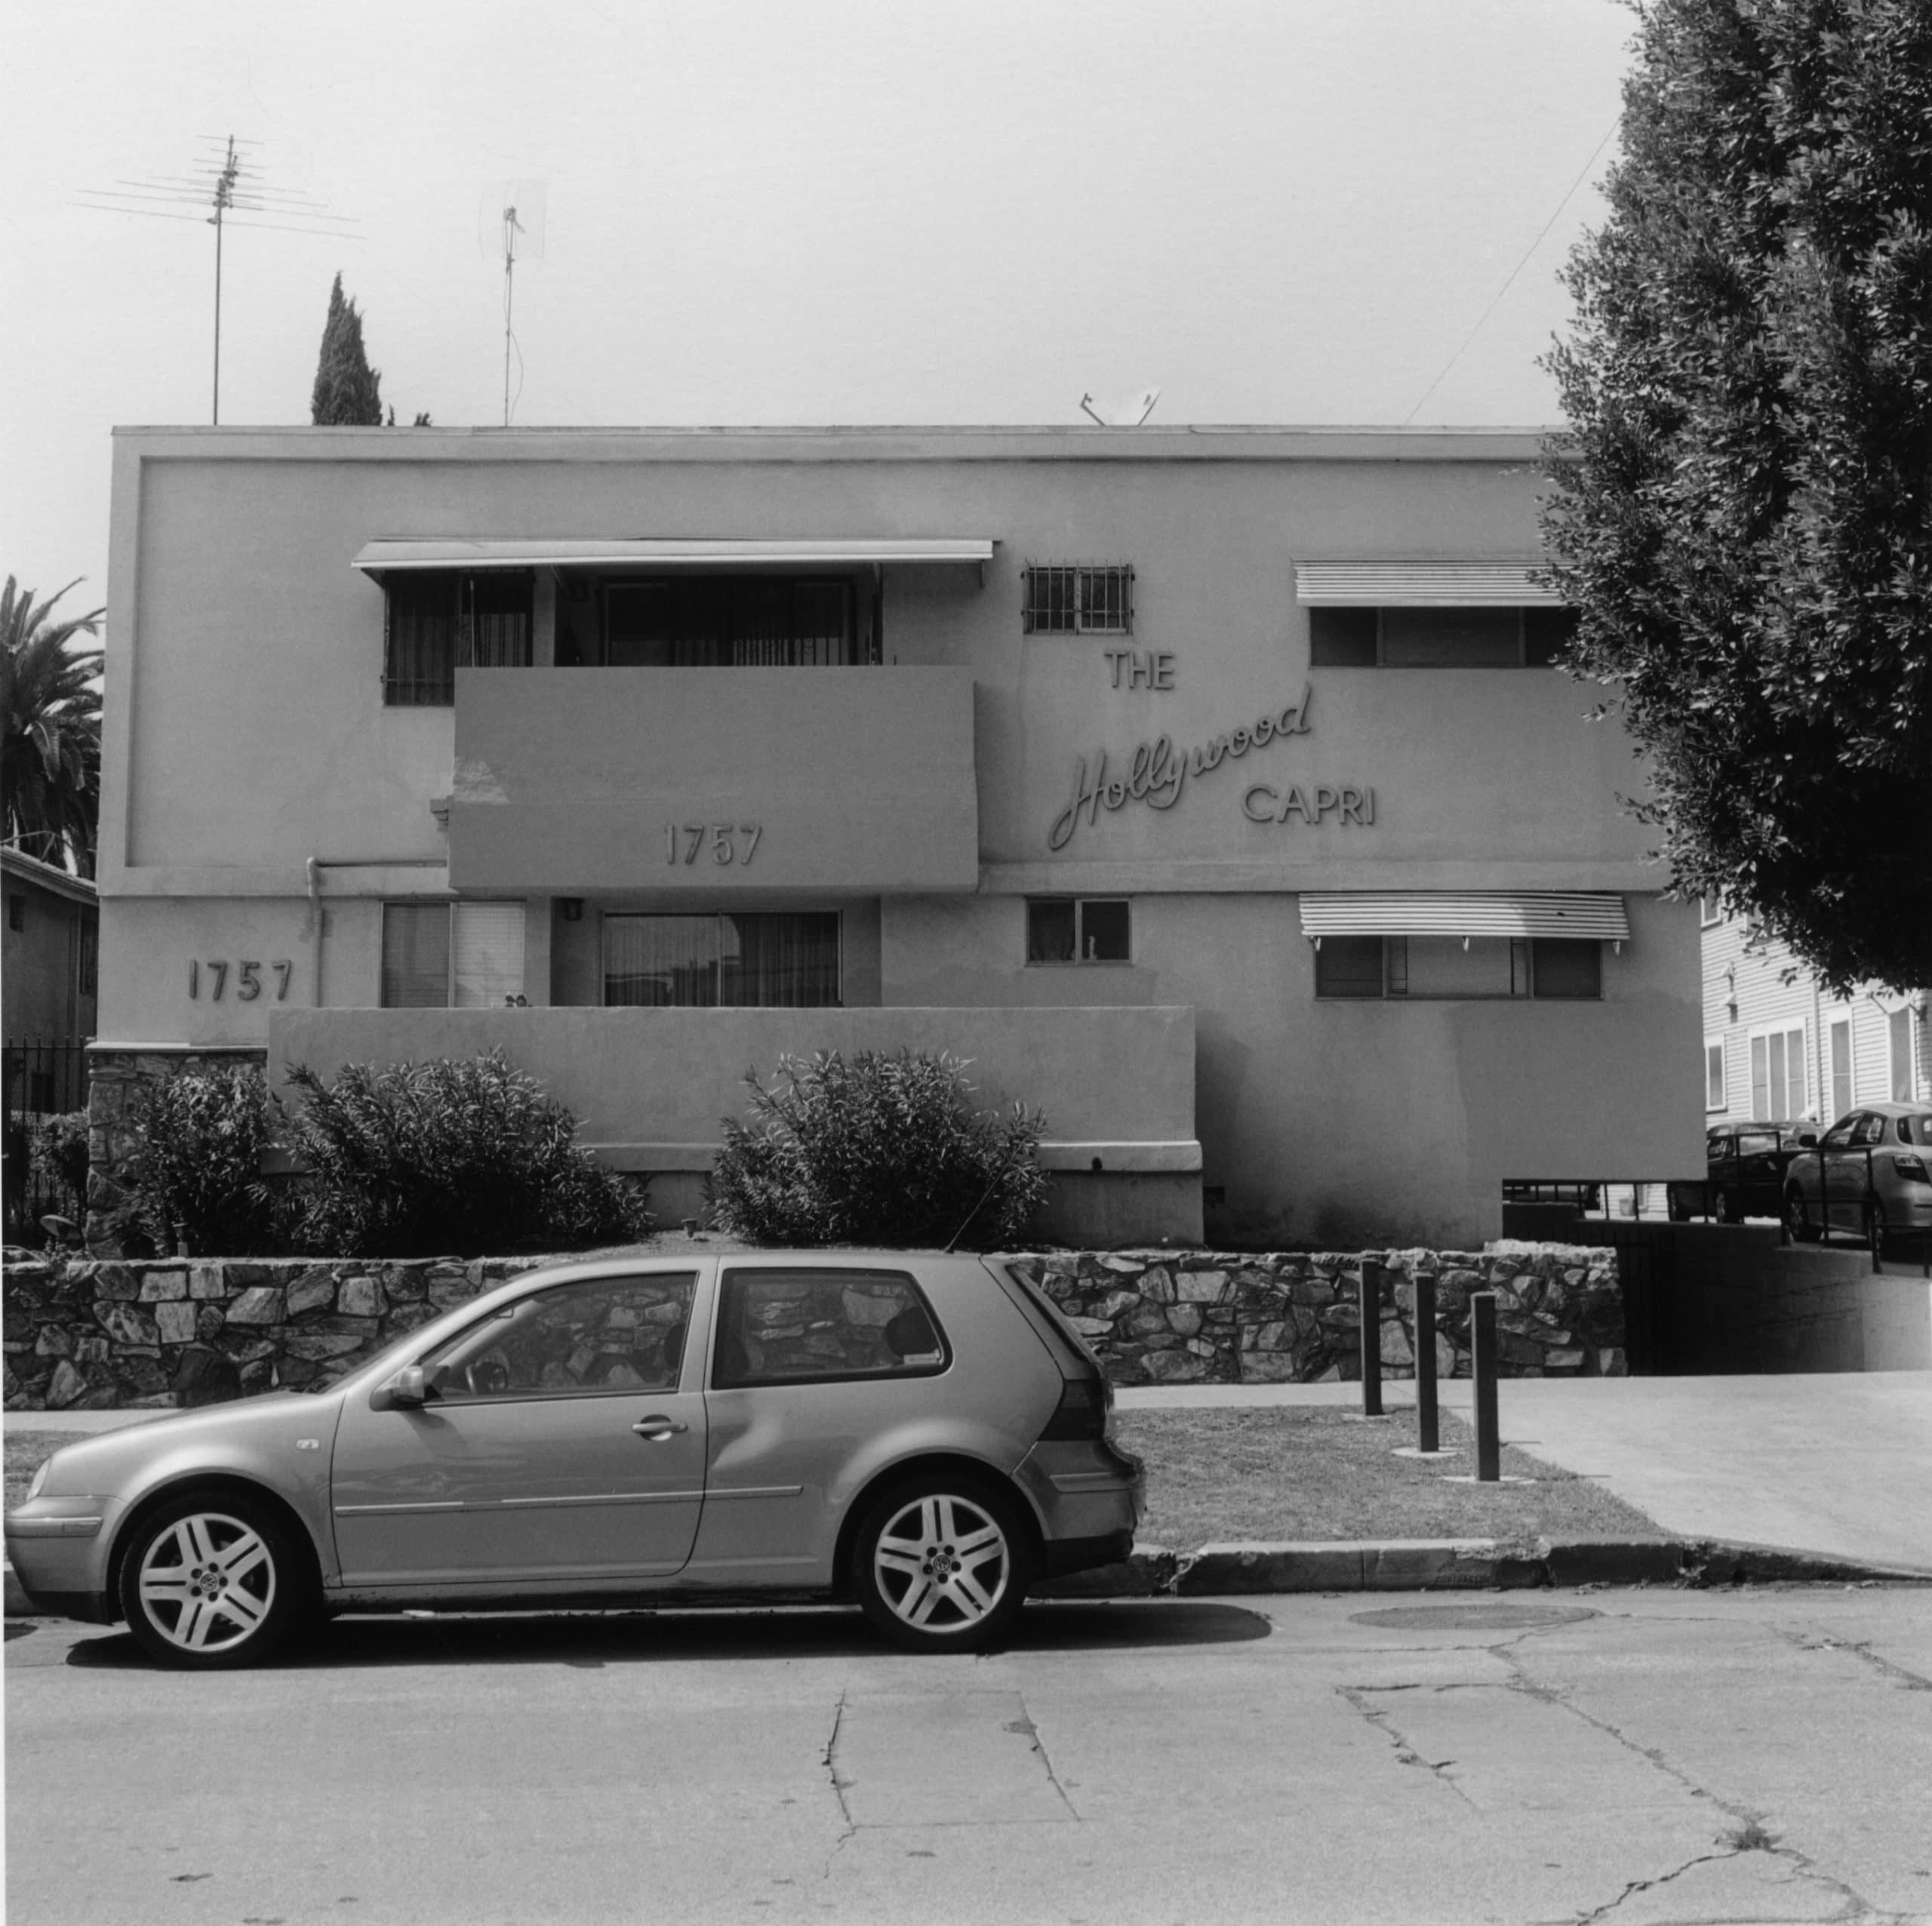 Ruwedel_Capri #4_2011 – 2018:19_14x16